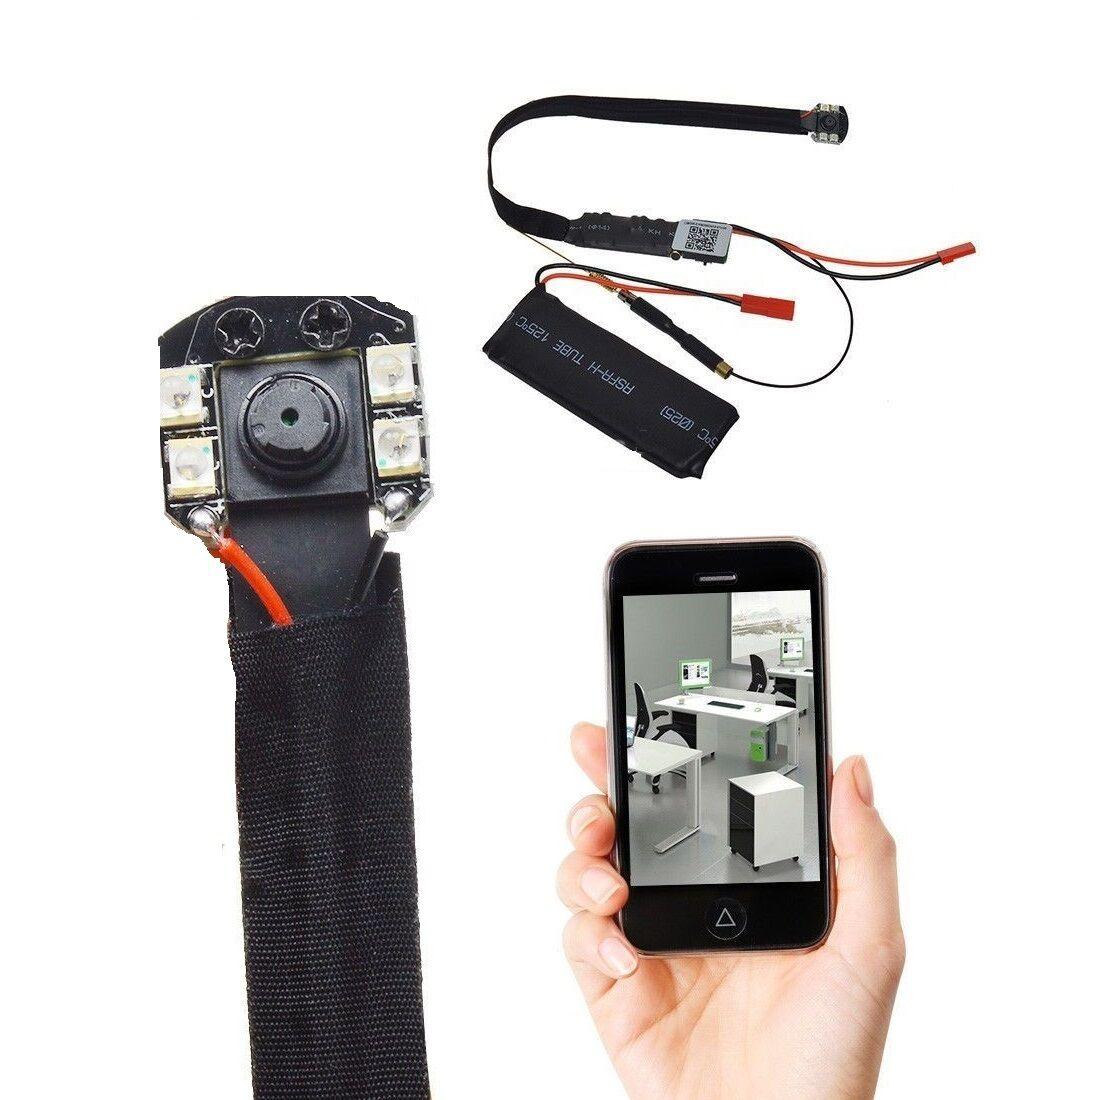 2GB HD Mini Cámara de Vigilancia Vigilancia de Live Ip Wifi Red Wlan Visión Nocturna Auto A102 dc077c